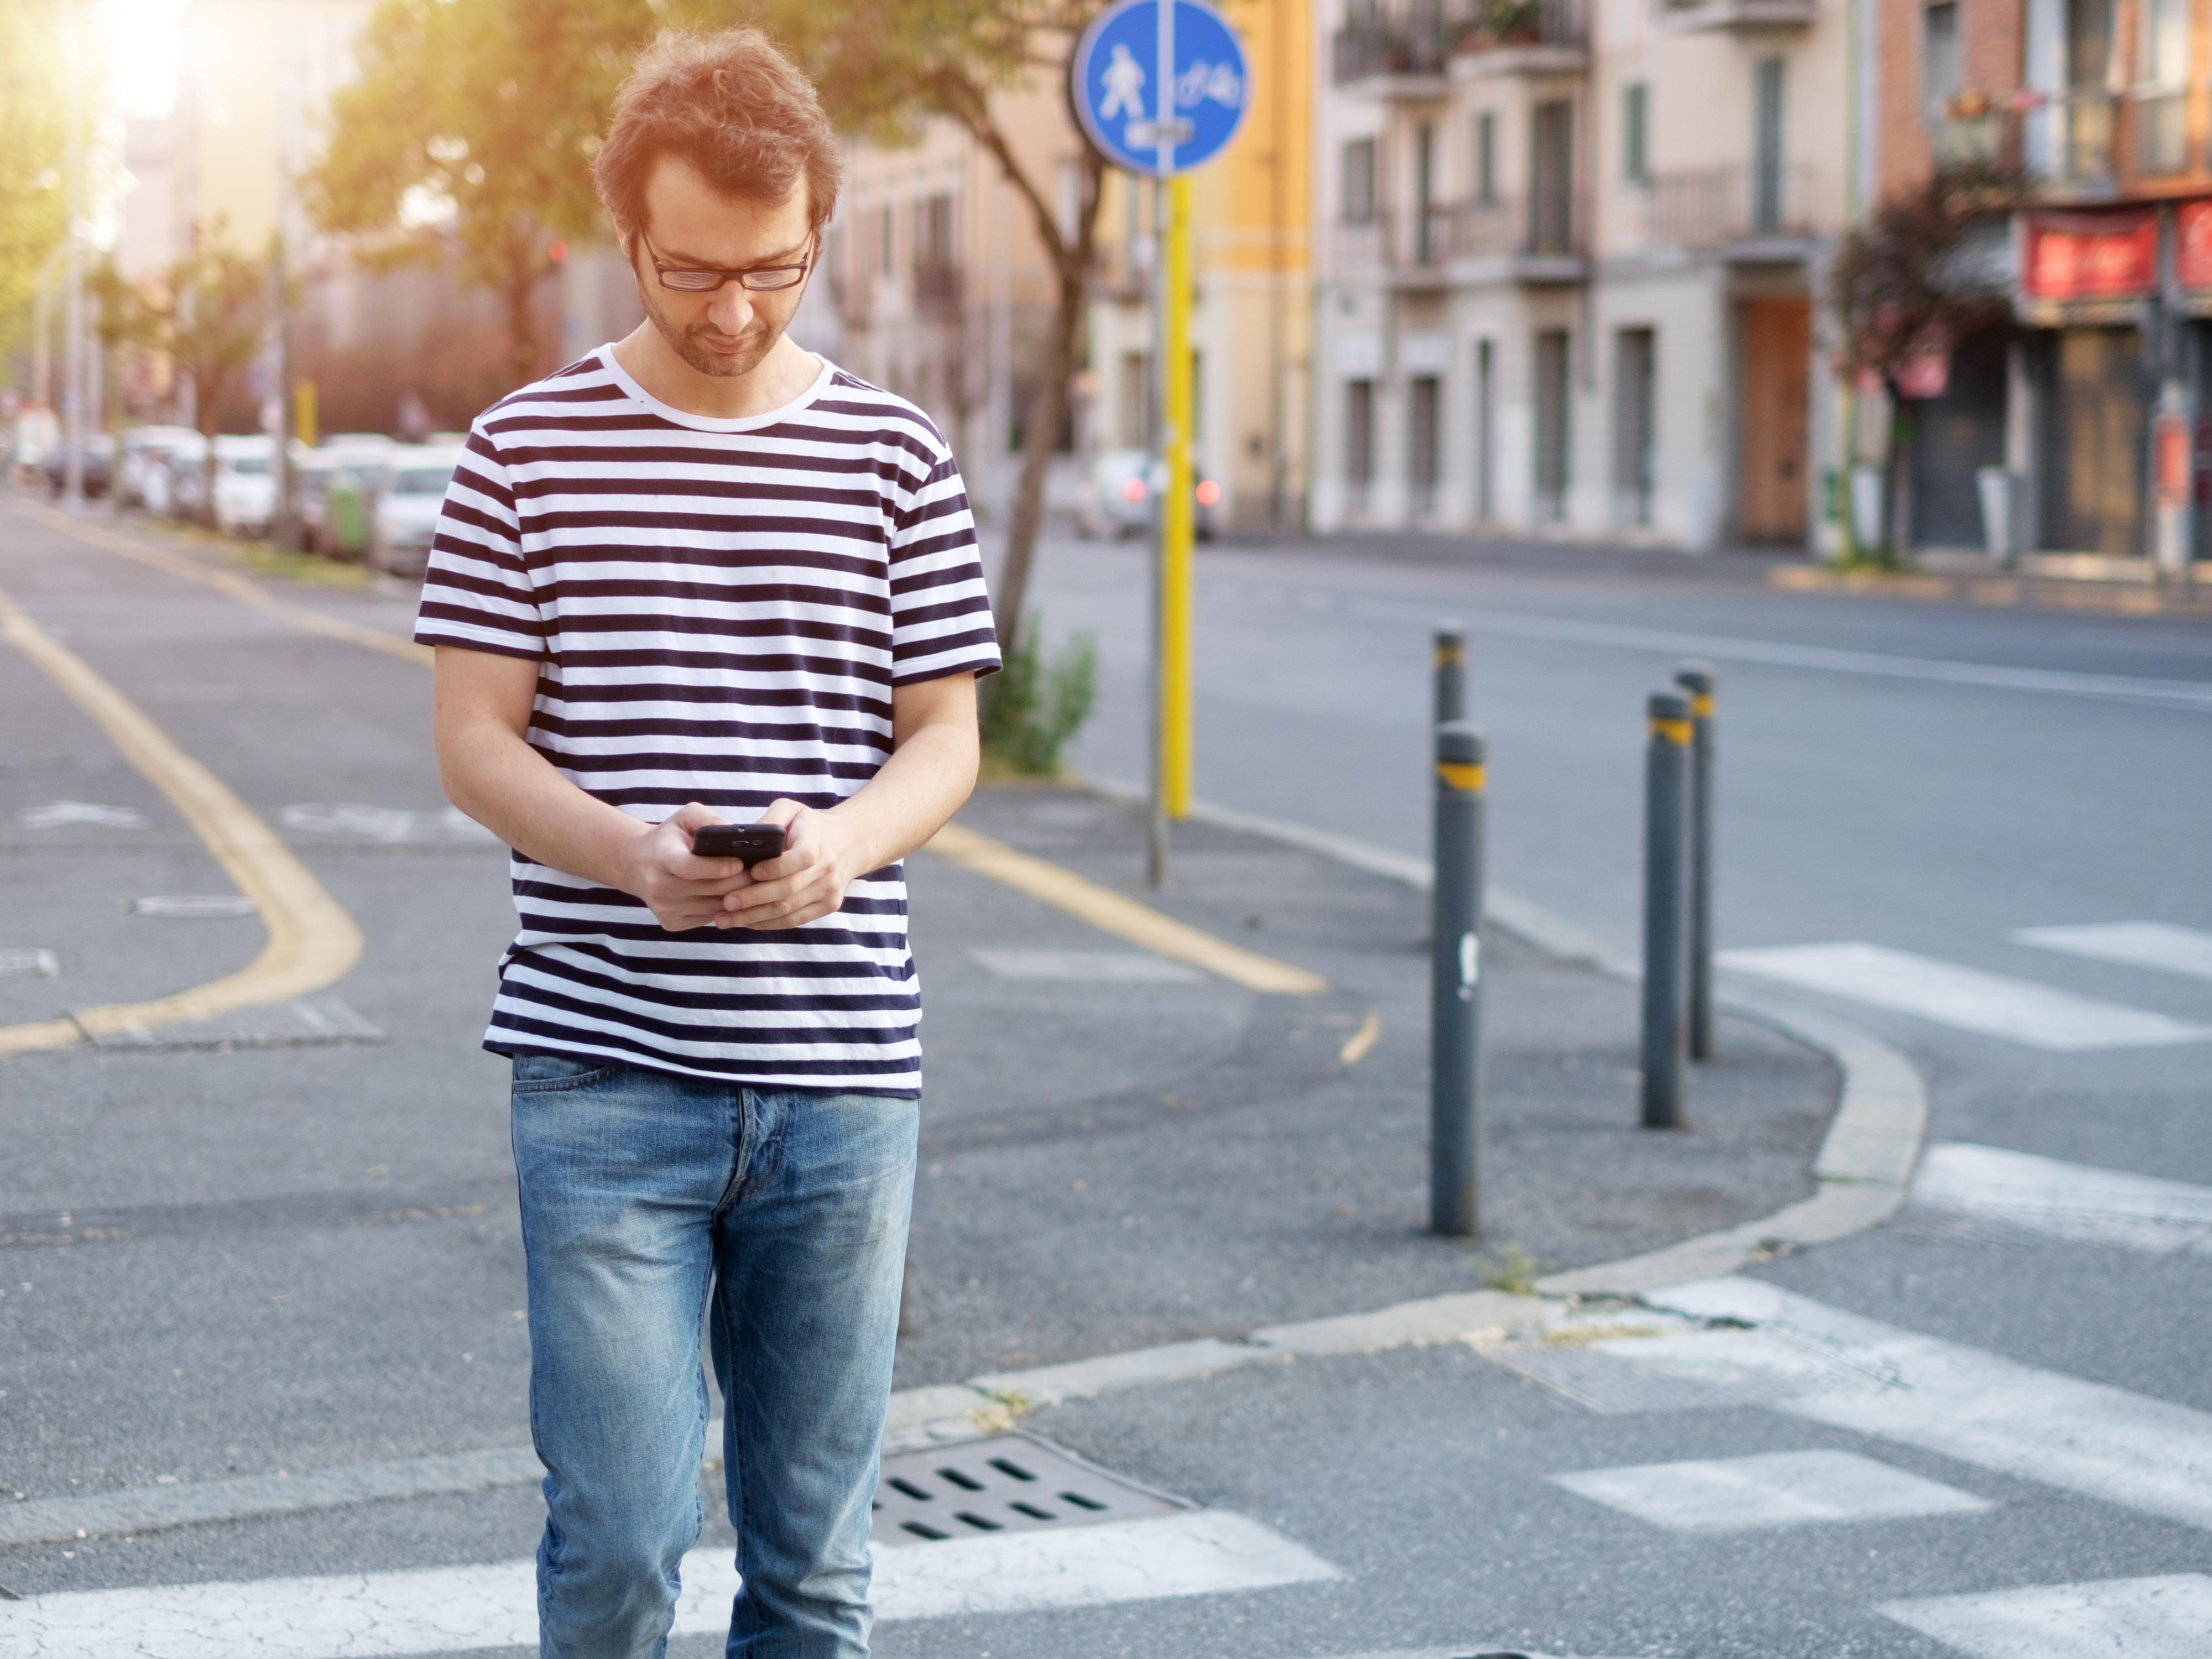 61385396-mobilni-telefon-smartphone-pametni-telefon.jpg